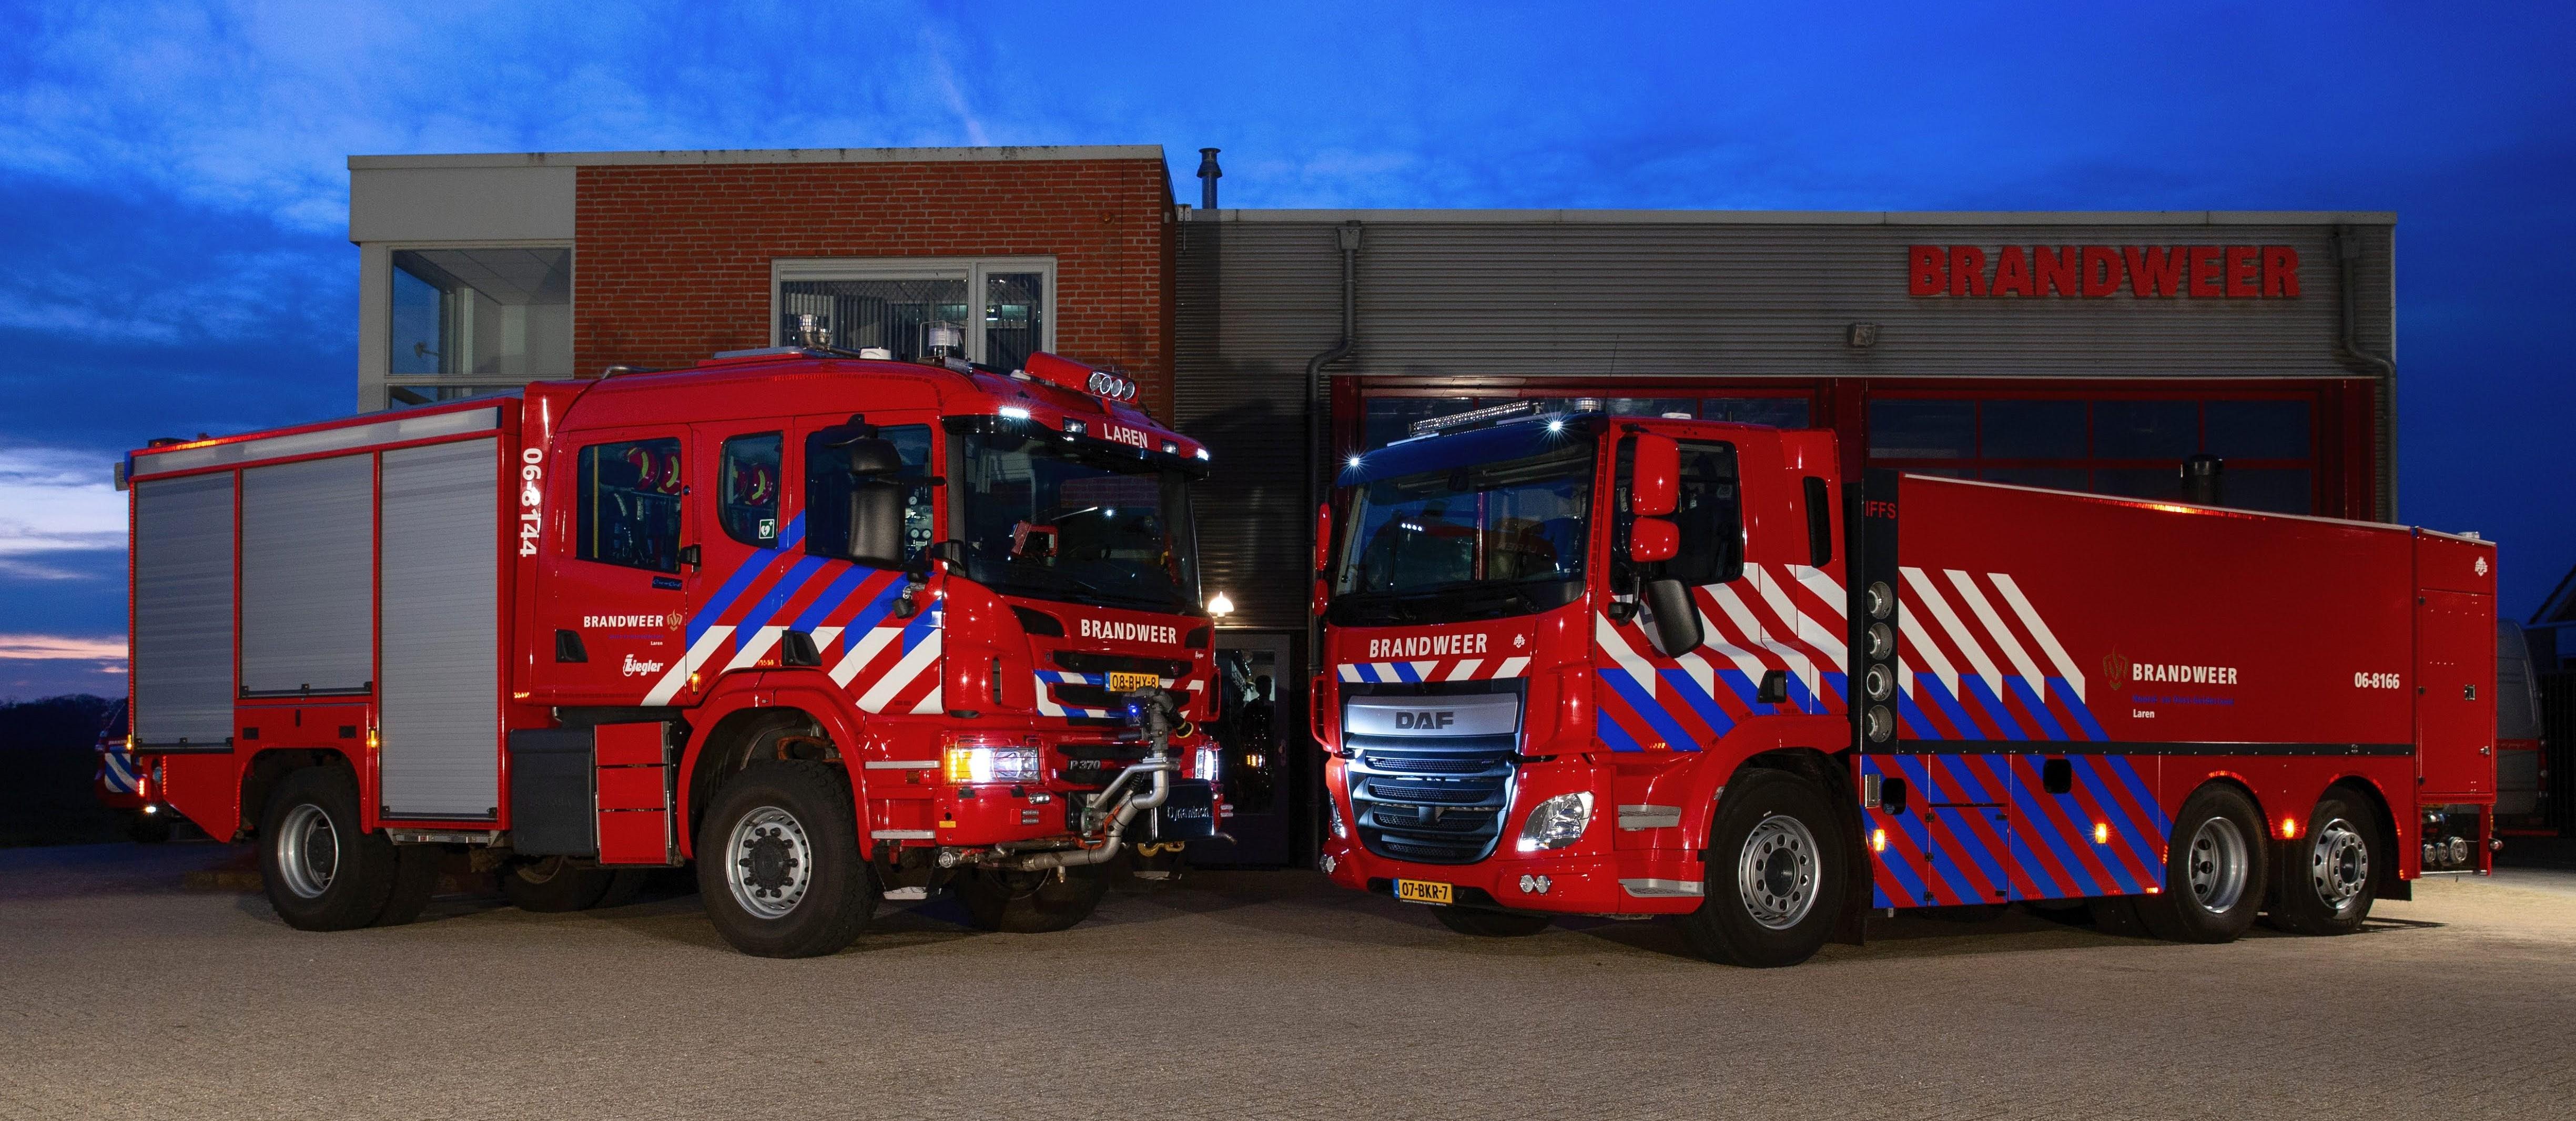 Brandweer Laren Gld.